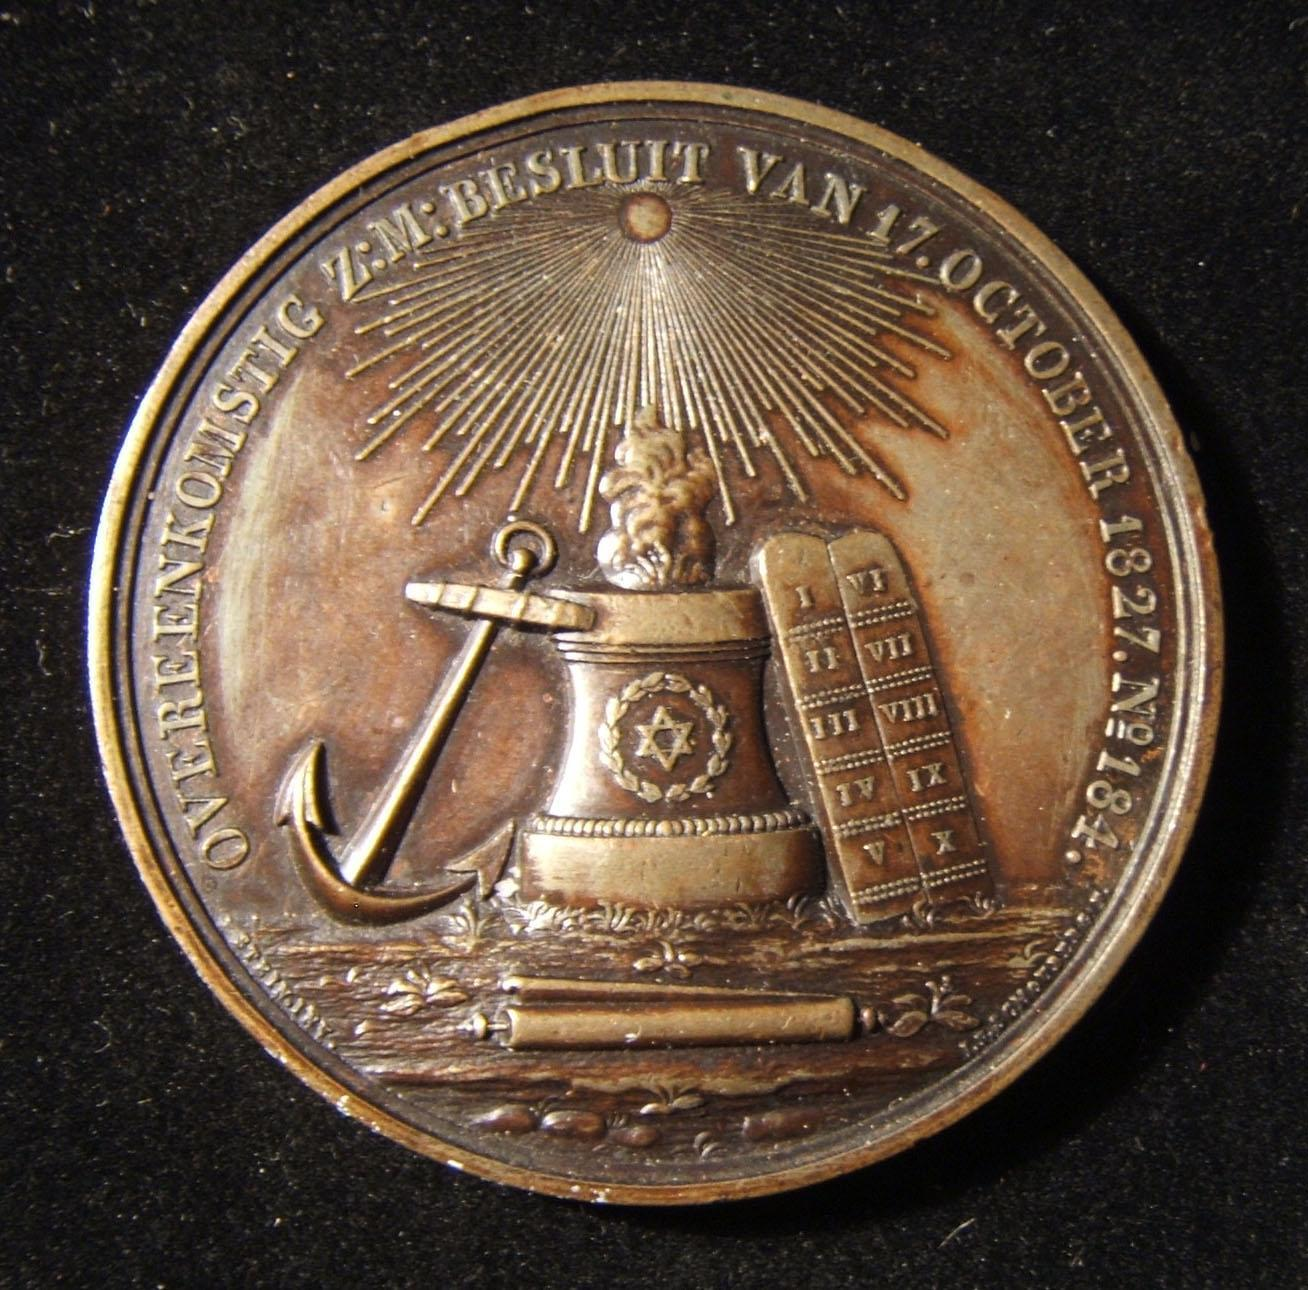 Niederlande: Gerichtskommission der niederländischen Juden / Medaille für die Verbesserung der sozialen Bedingung der Juden, 1827, von Johann Peter Schouberg; geprägt aus Bronze; G